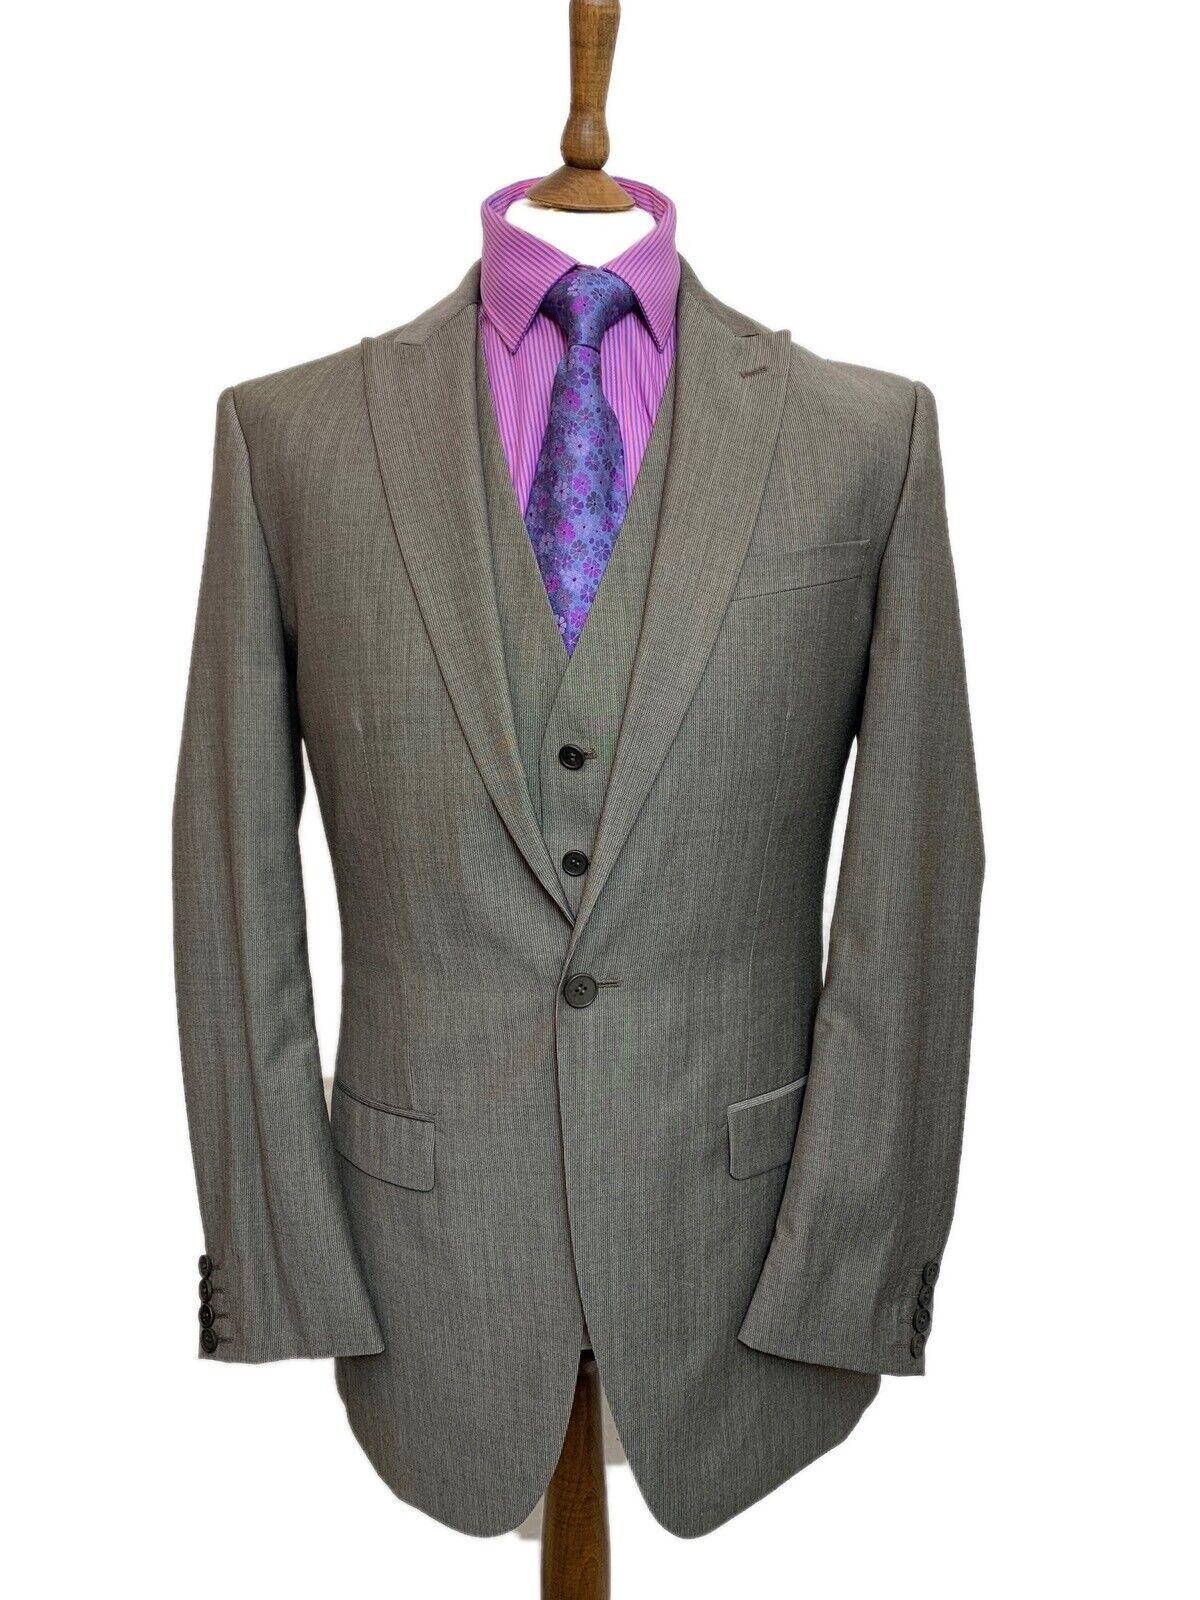 Marks & Spencer 3 piezas traje. 38  largo Mezcla de Lana traje con chaleco W34 L33  promocionales de incentivo